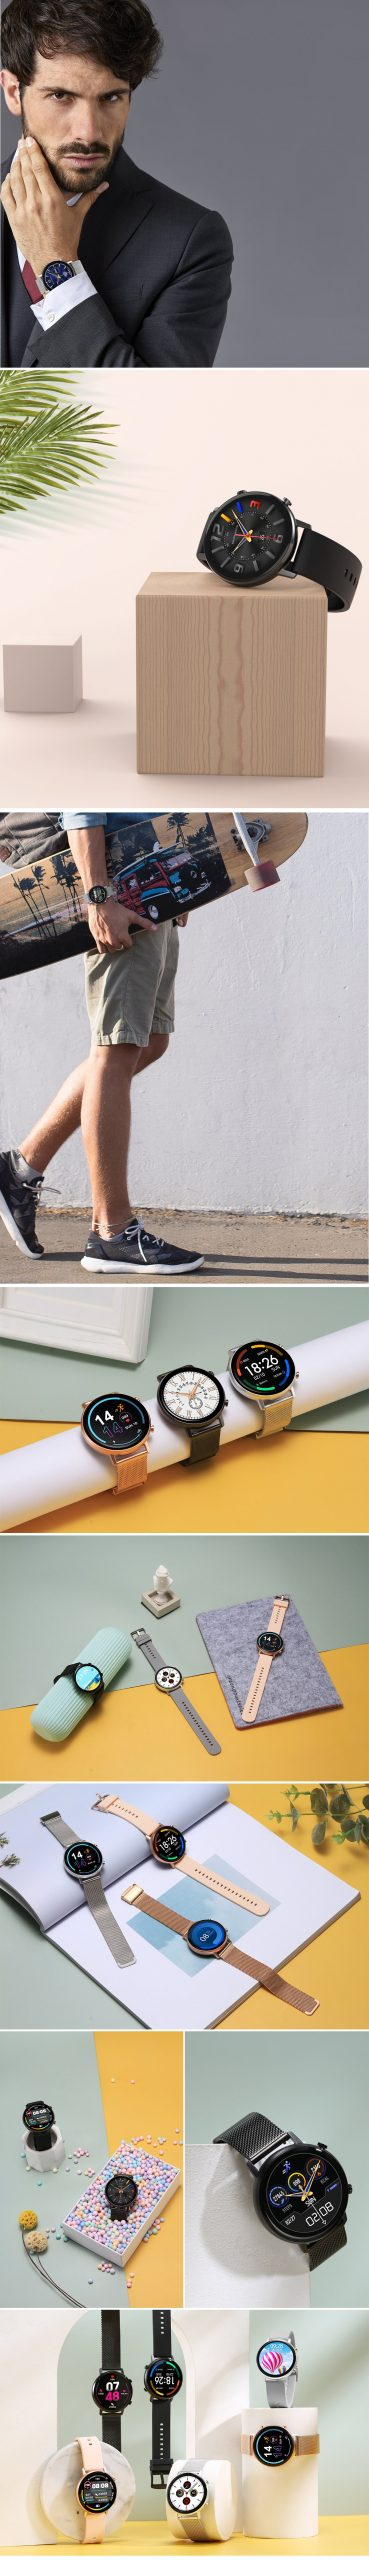 ساعت هوشمند dt96 23 - ساعت هوشمند مدل DT96